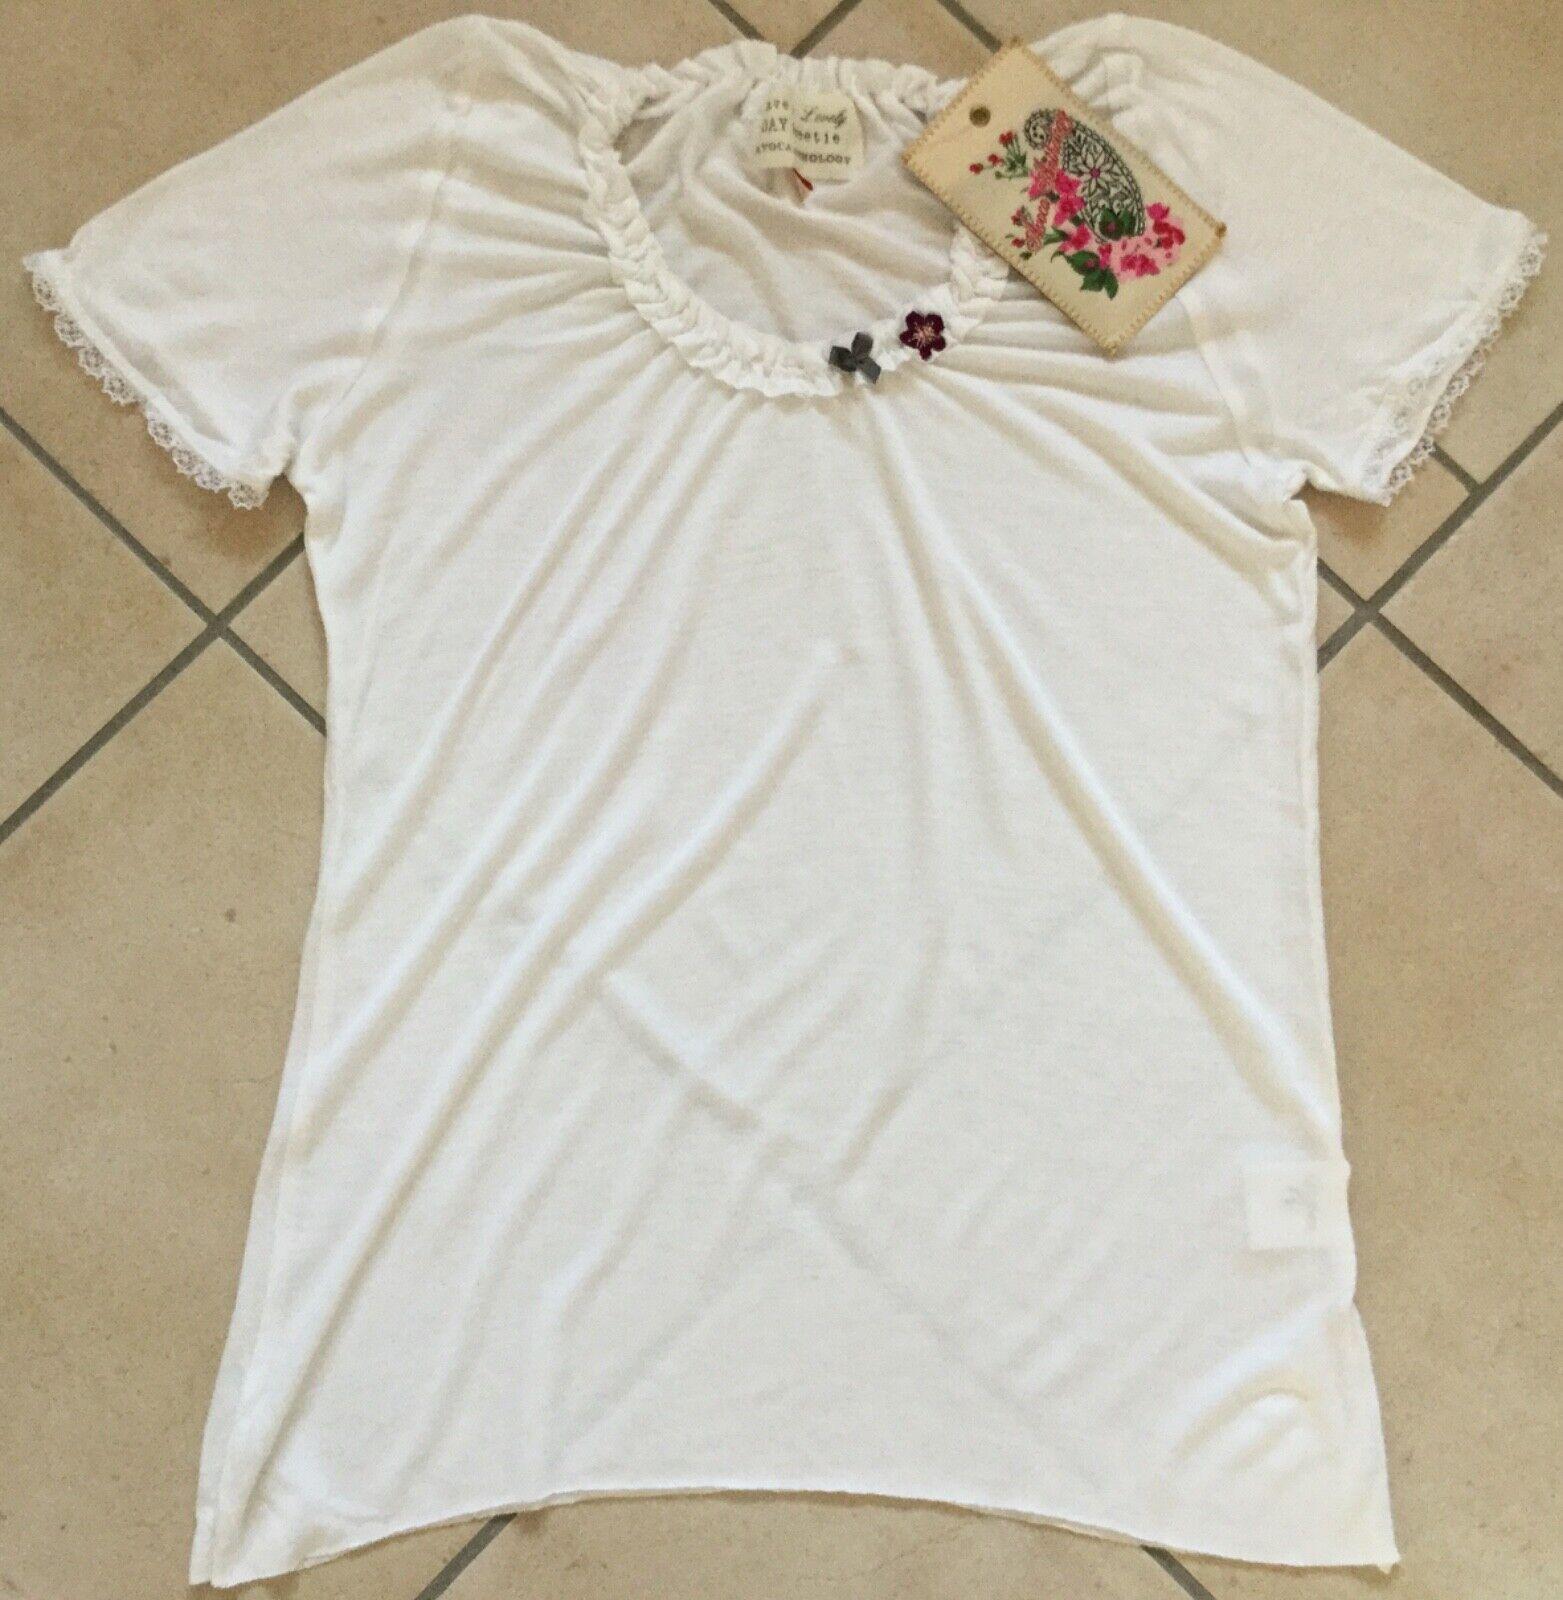 Neu Avoca Avoca Avoca Irland Tunika Shirt Impressionen | Elegante und robuste Verpackung  | Züchtungen Eingeführt Werden Eine Nach Der Anderen  | Abrechnungspreis  468085